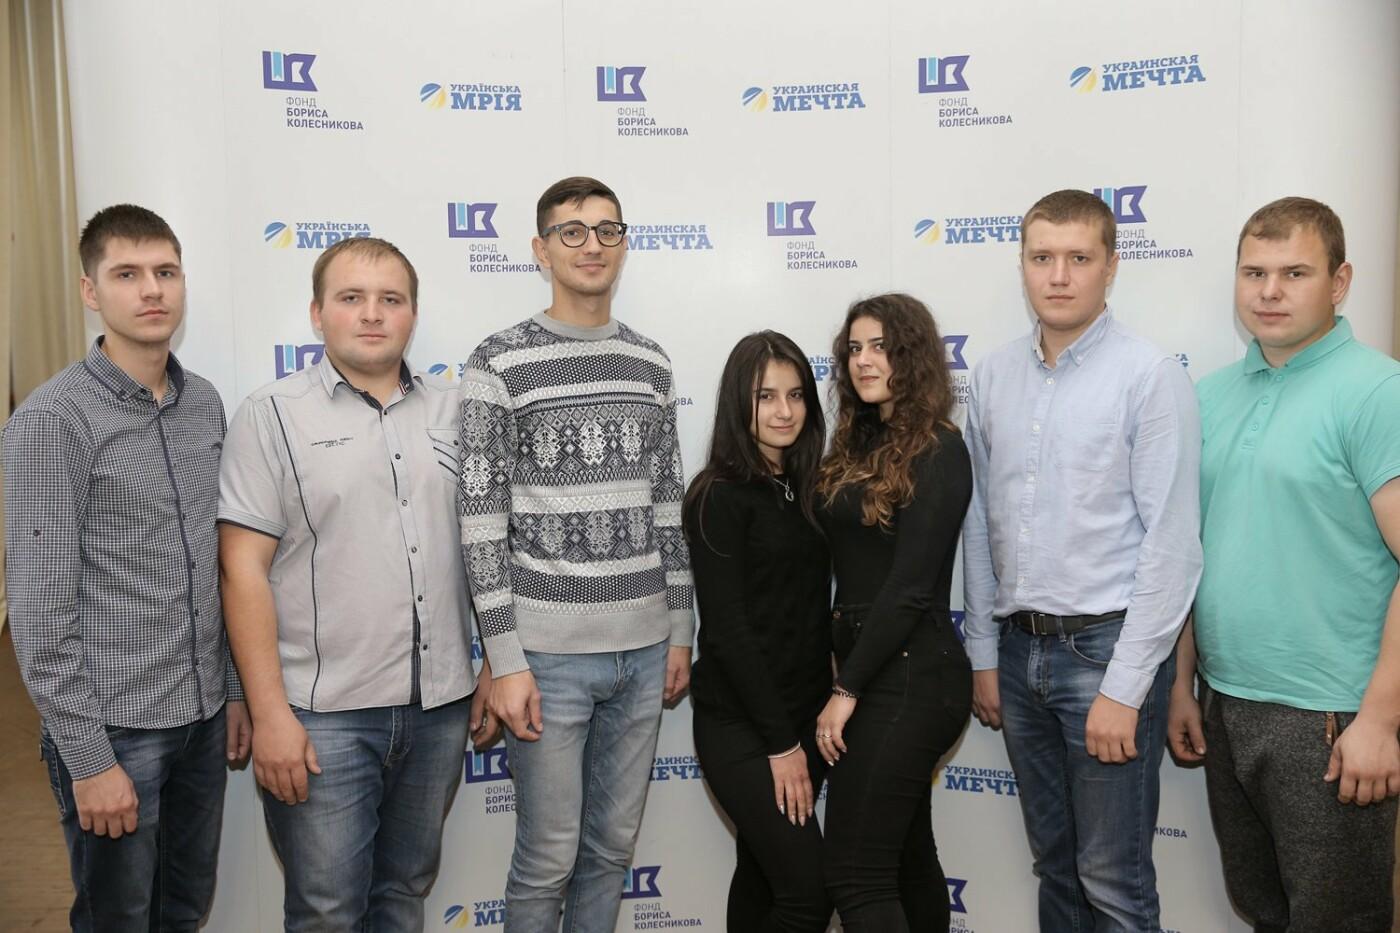 Стартовал всеукраинский конкурс «Агро 2019», победители поедут во Францию!, фото-1